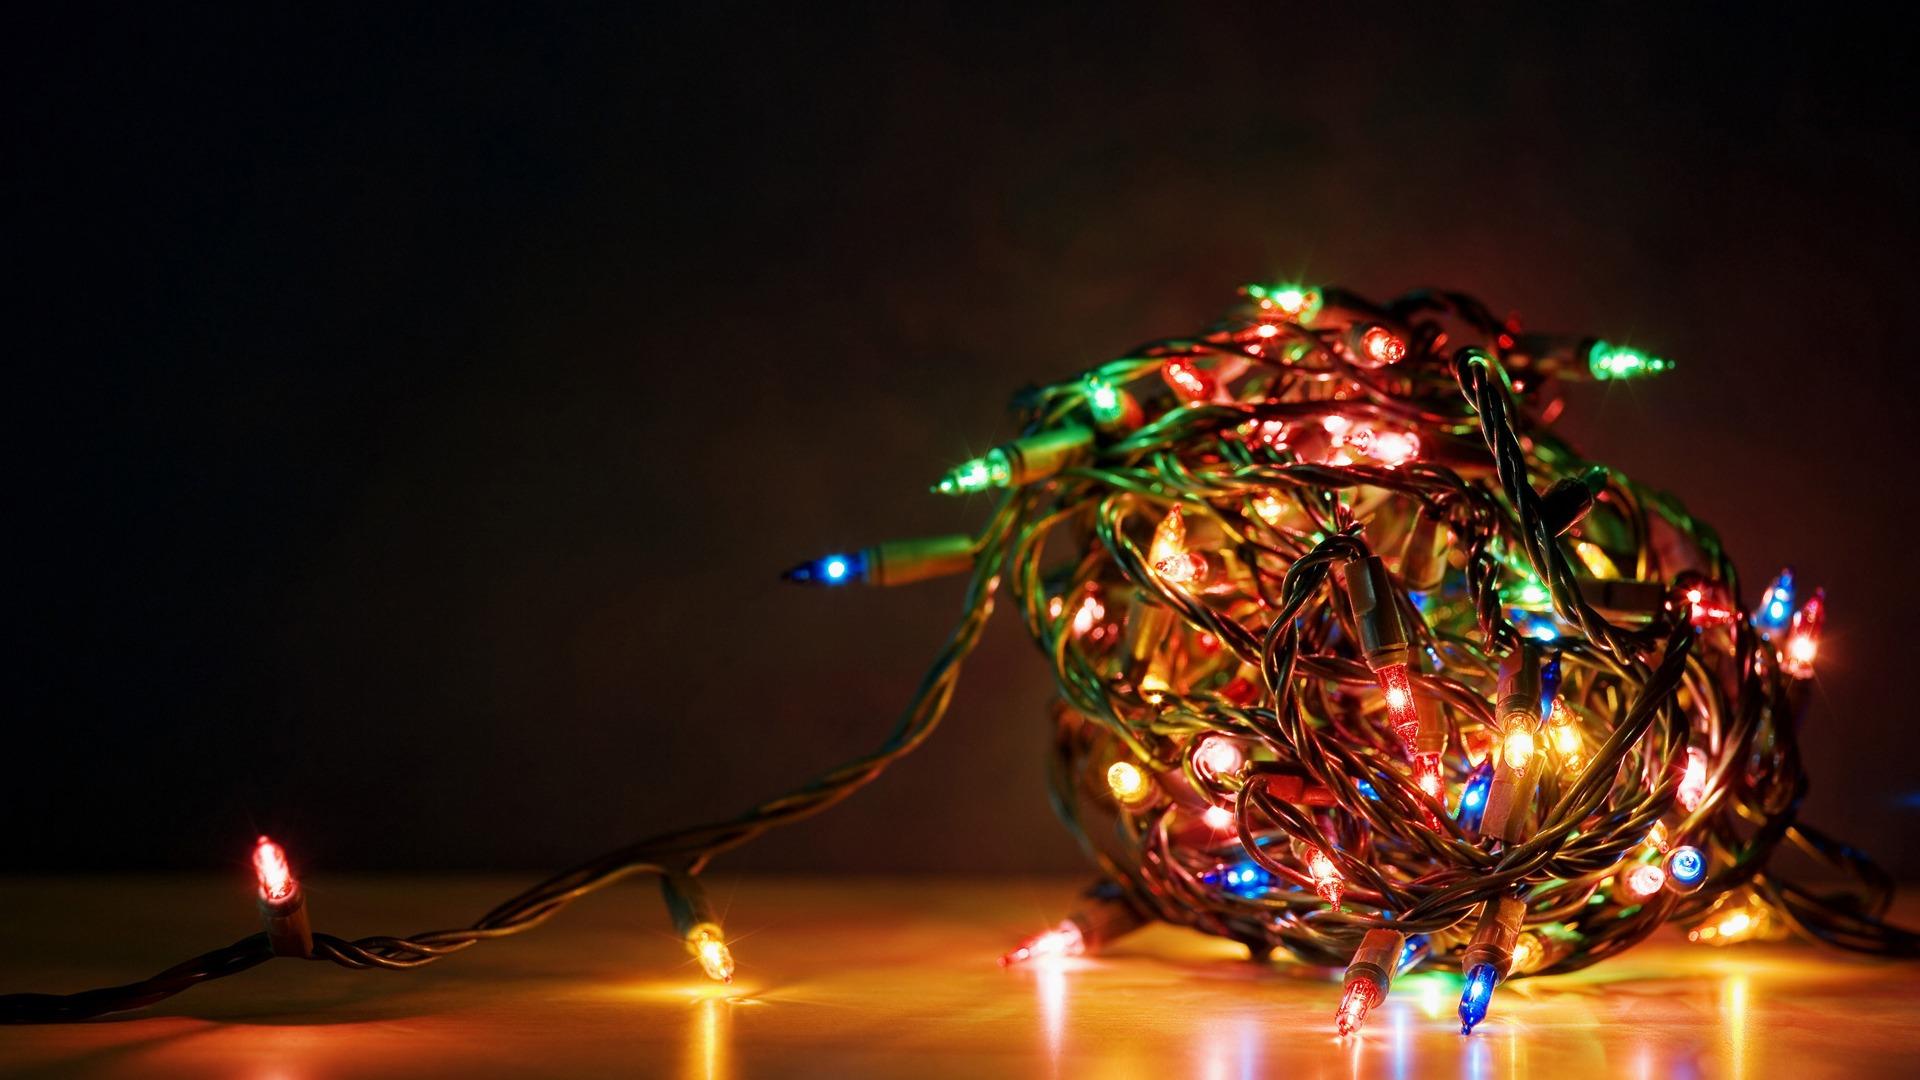 hd wallpapers christmas lights 40 wallpapers - Light Christmas